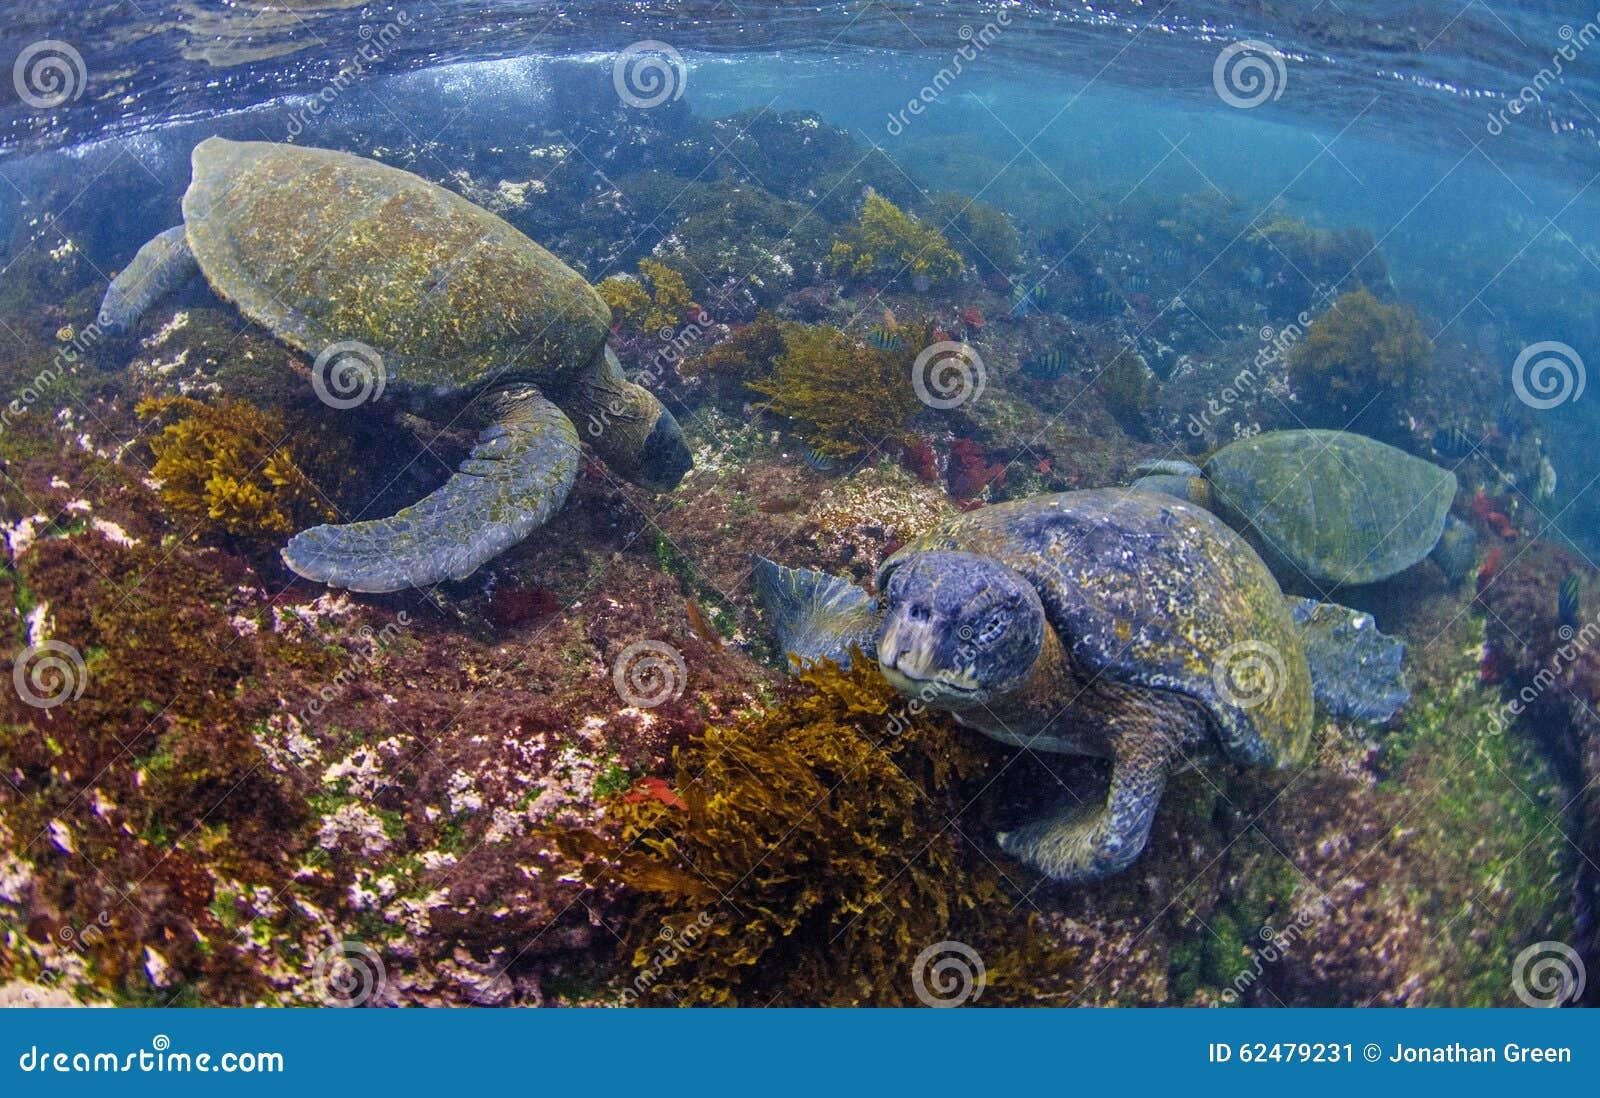 Green sea turtles feeding, Galapagos Islands